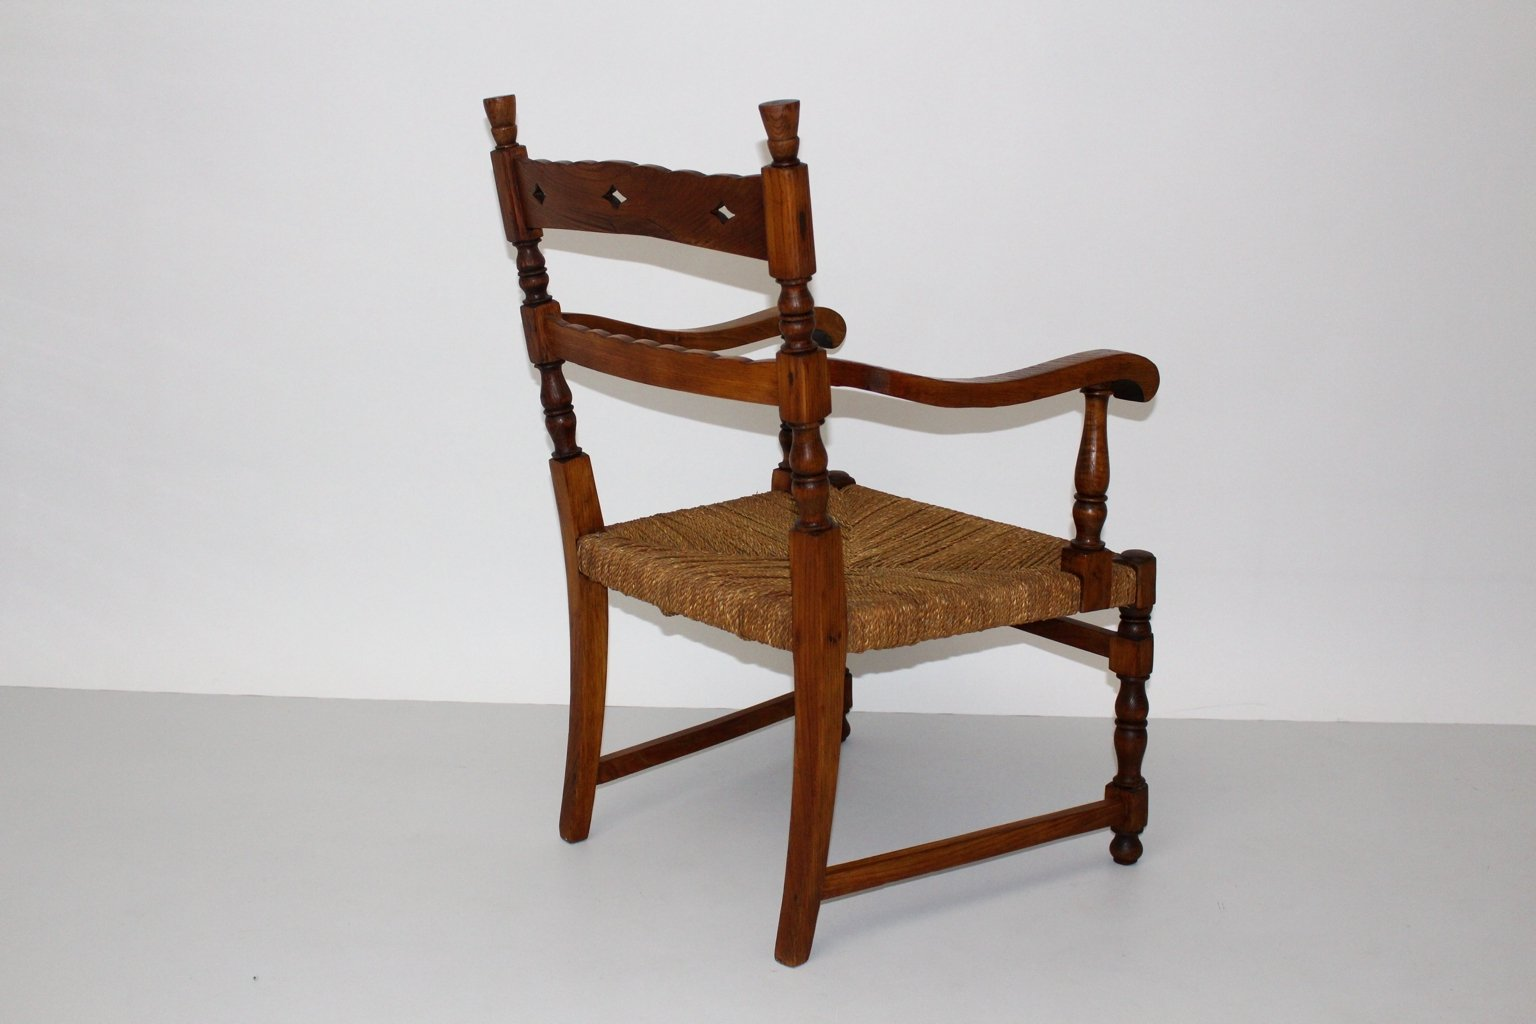 fauteuil vintage en bois de fr ne avec si ge en corde en vente sur pamono. Black Bedroom Furniture Sets. Home Design Ideas